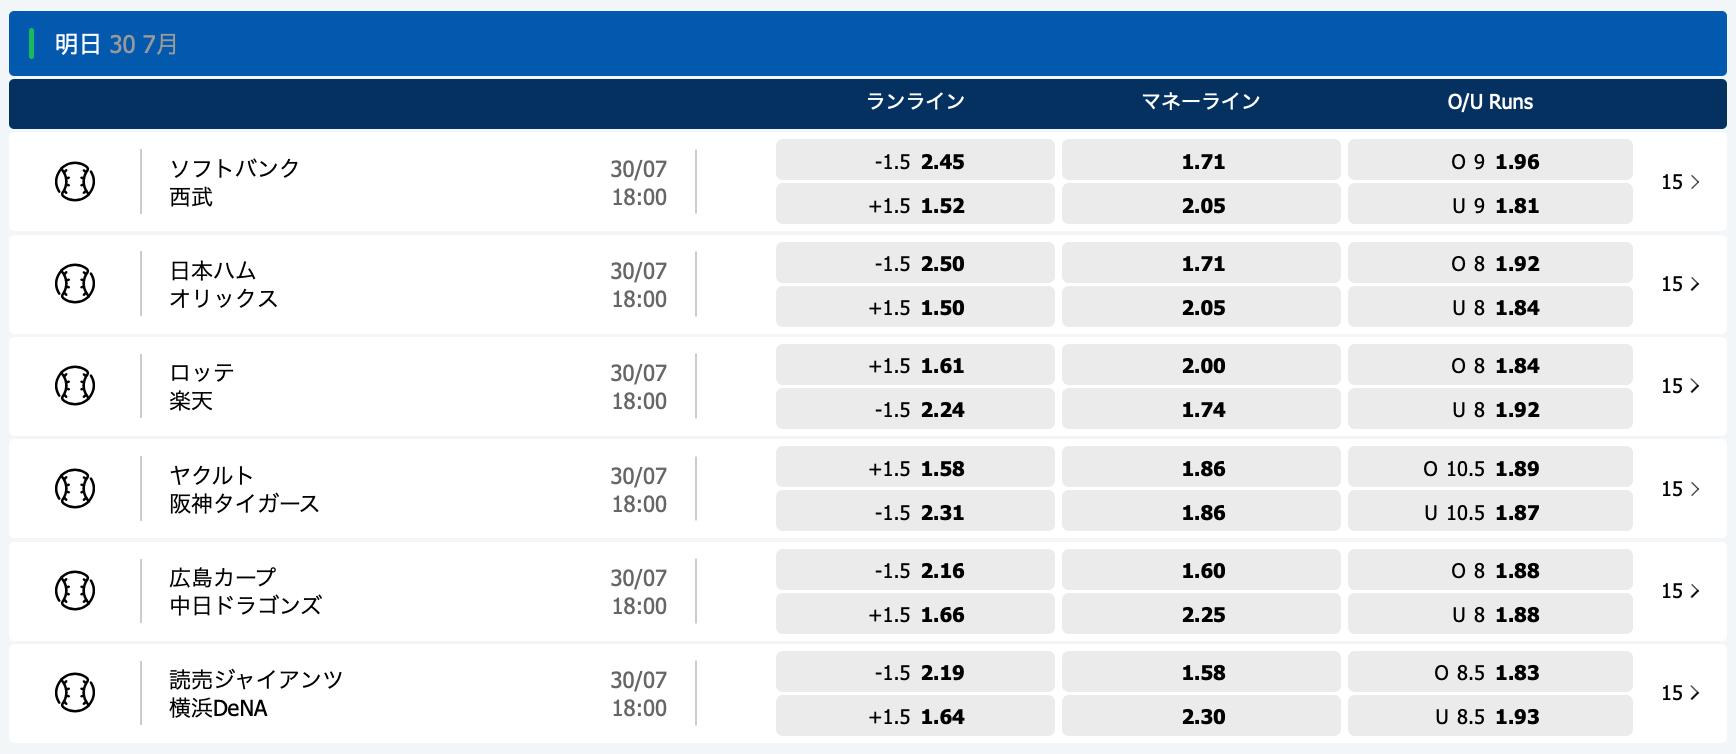 2020.7.30 プロ野球オッズ・10bet Japan